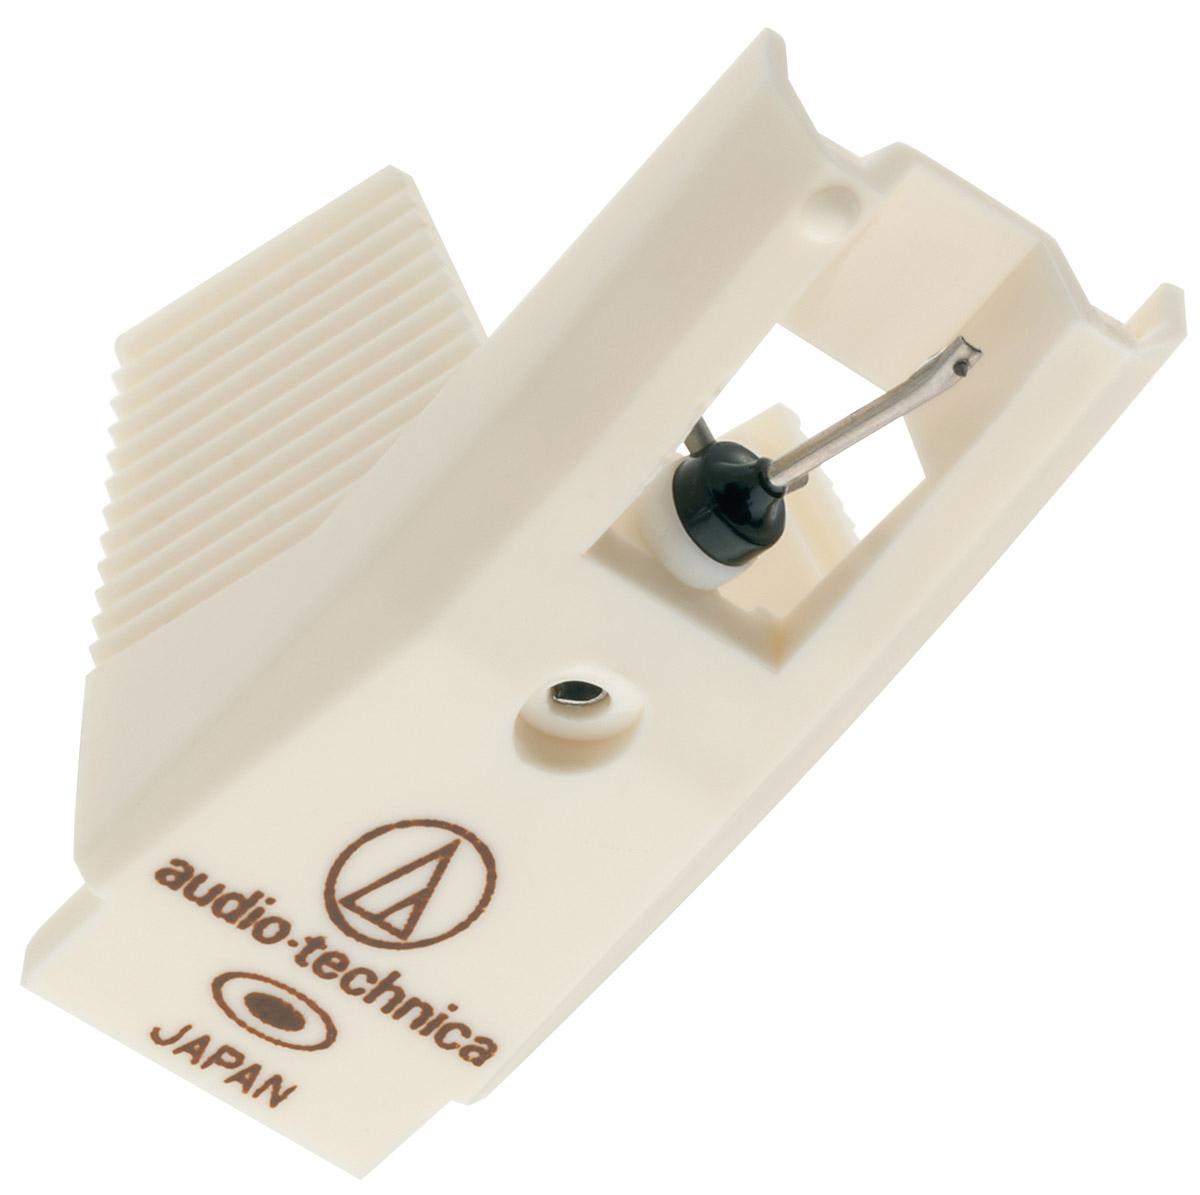 Audio-Technica ATN3472SE игла для звукоснимателя